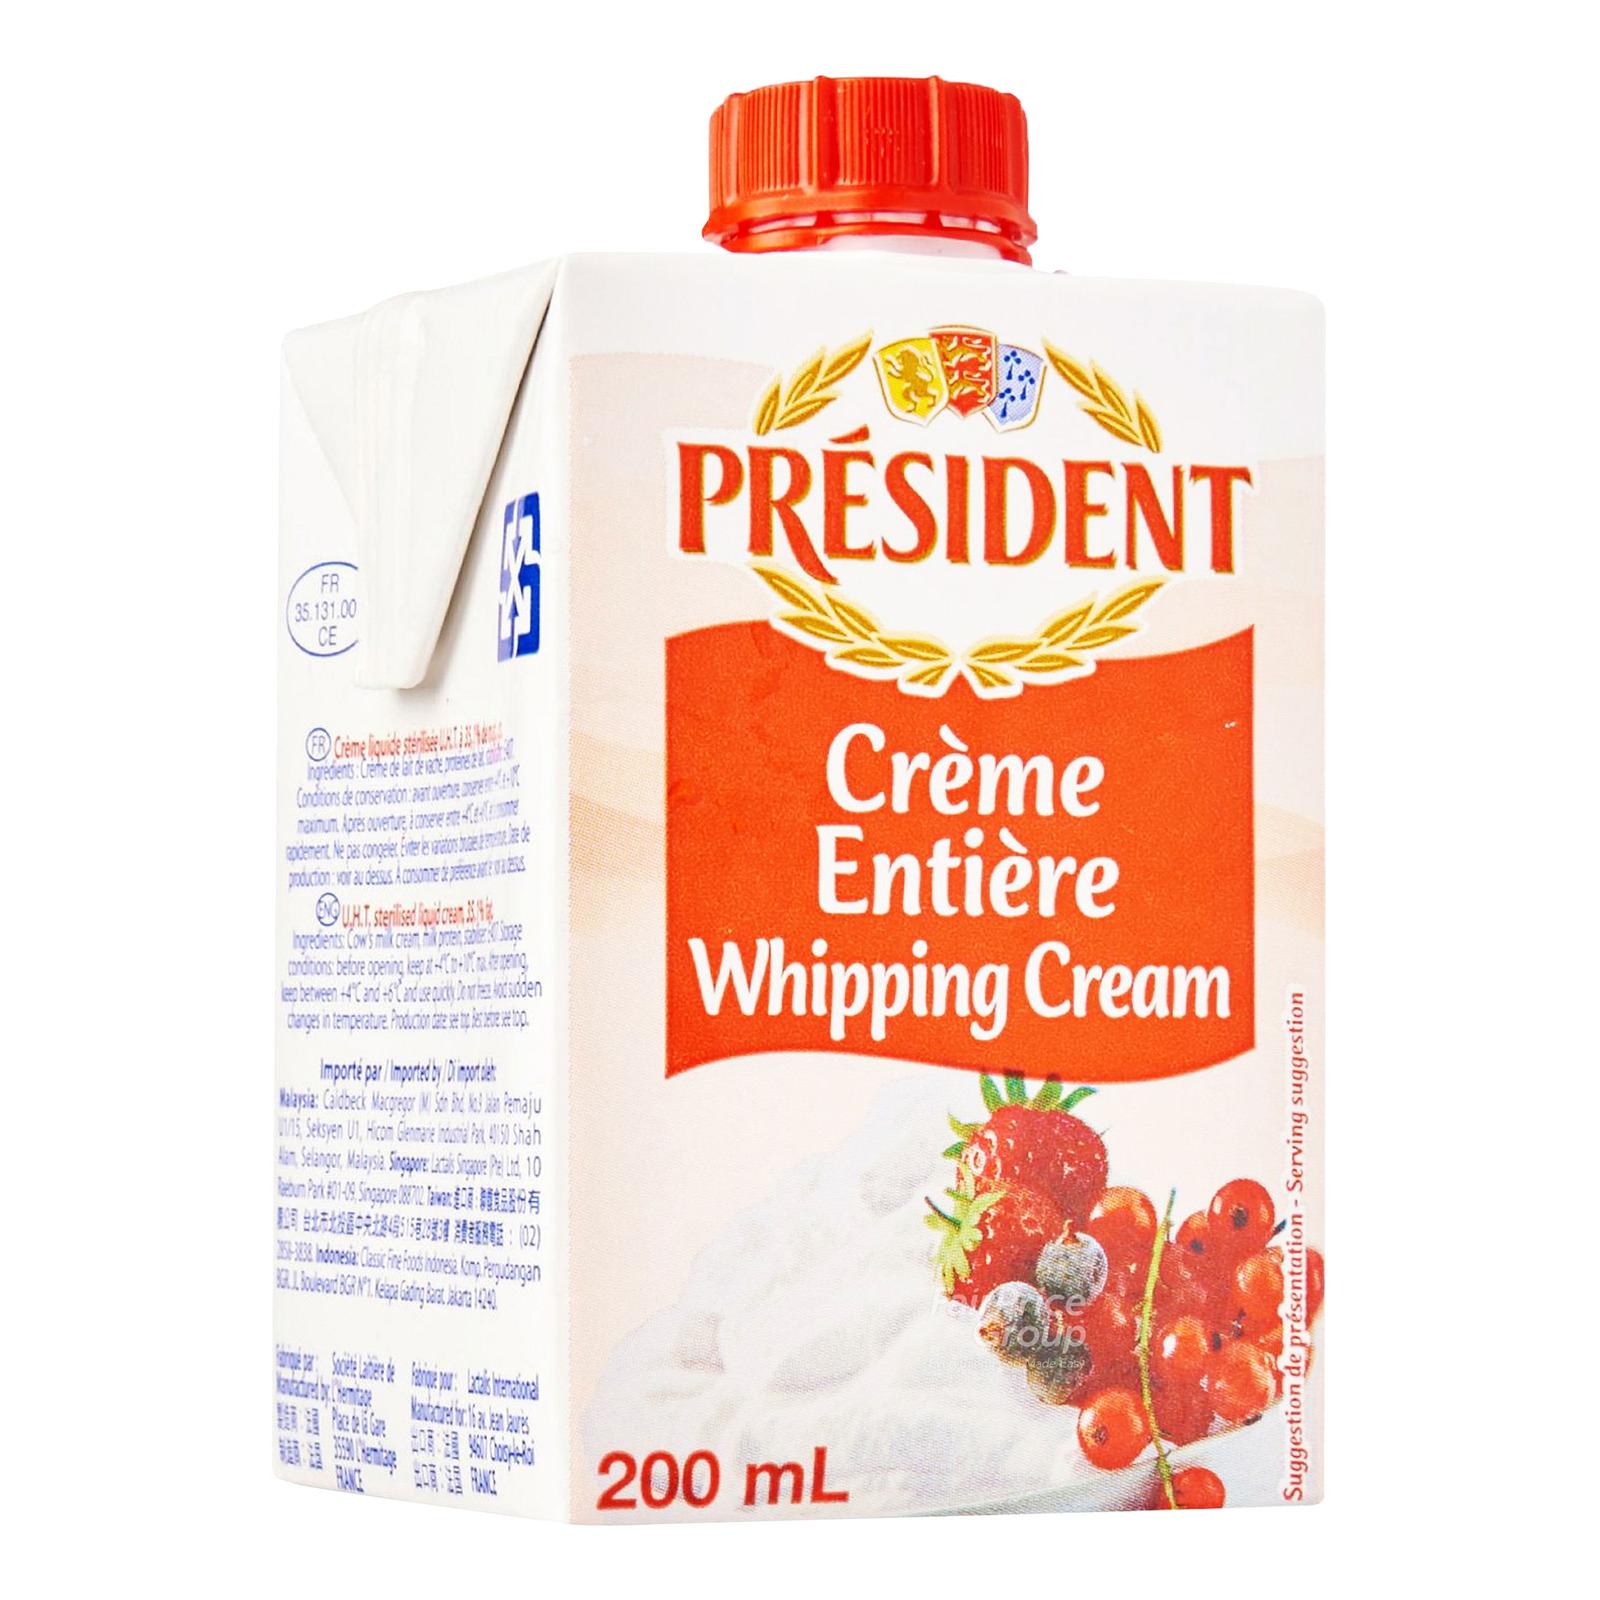 President Whipping Cream